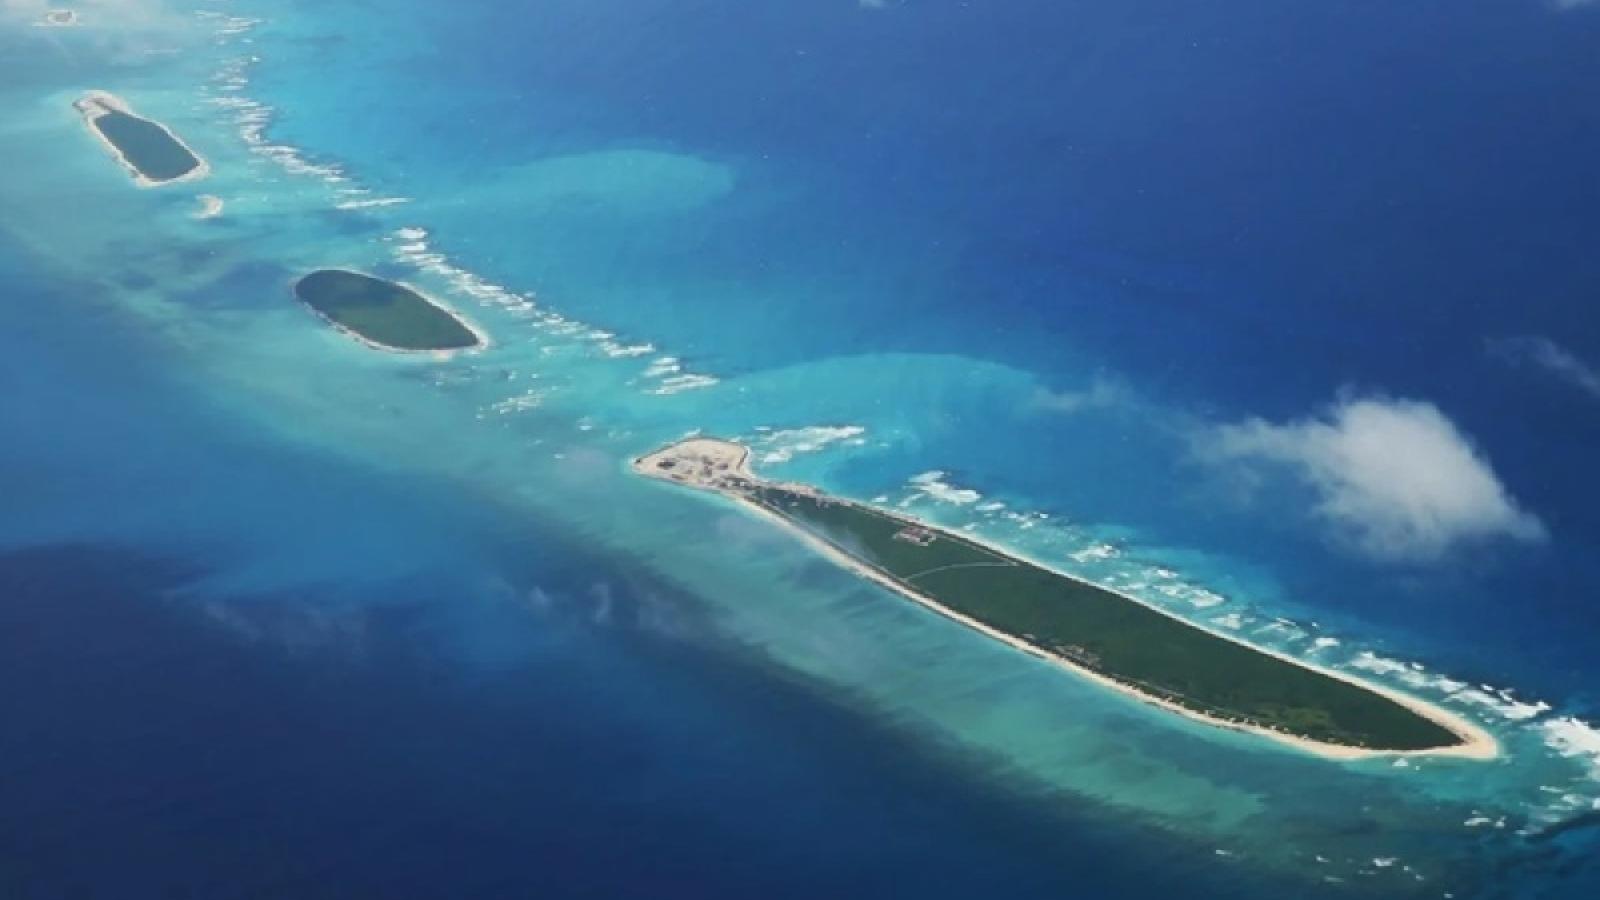 """""""Cuộc chiến"""" công hàm: Giải quyết vấn đề Biển Đông dựa trên luật pháp quốc tế"""